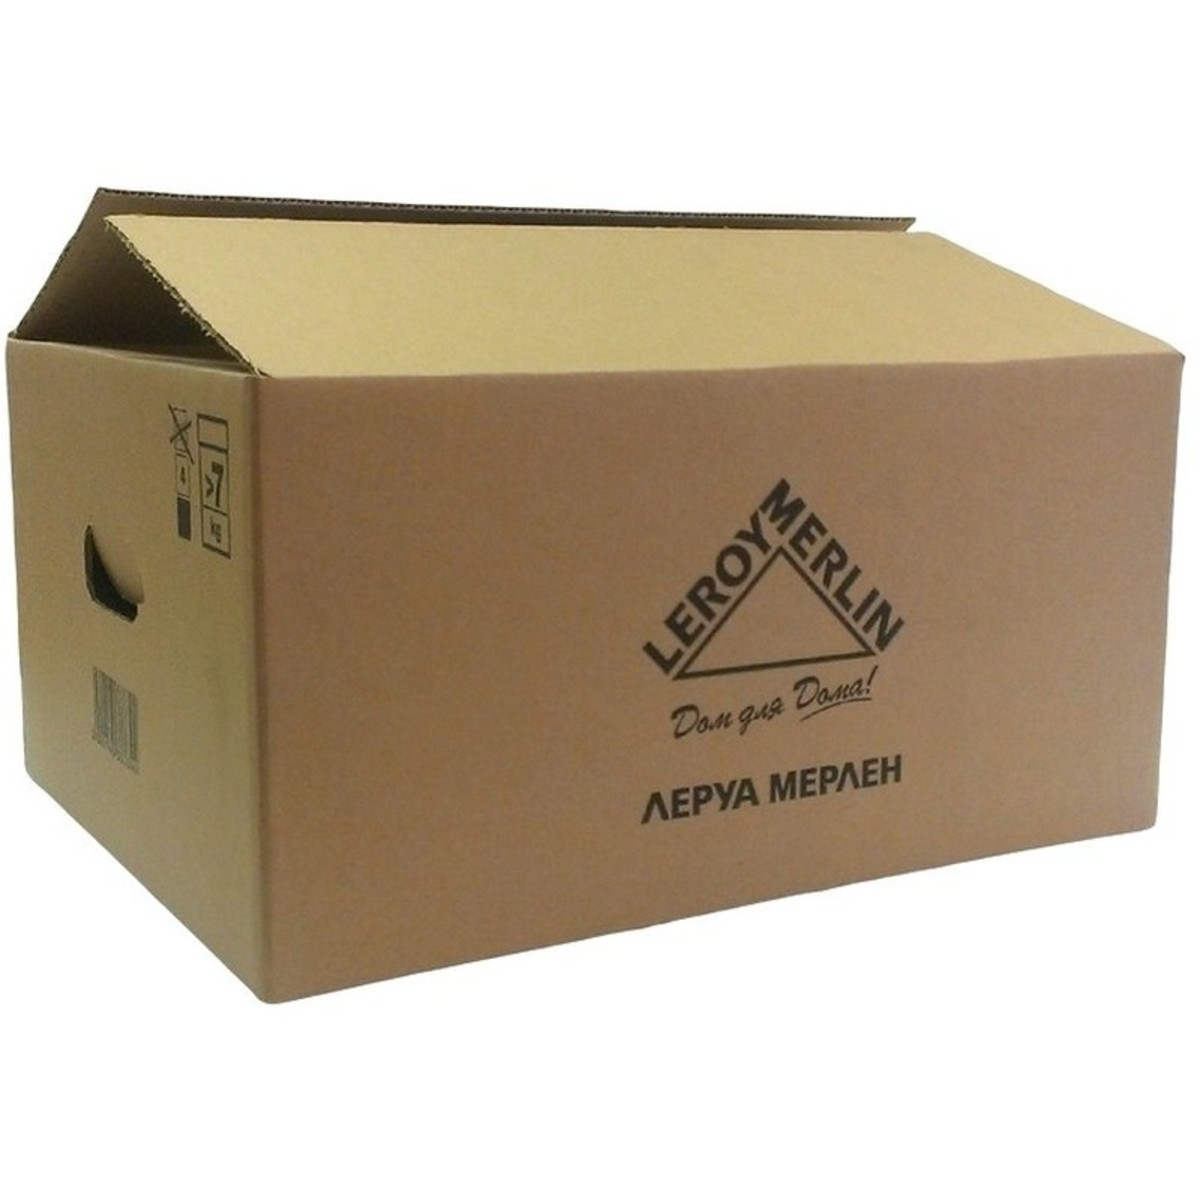 Короб для переезда 60х30х30 см картон